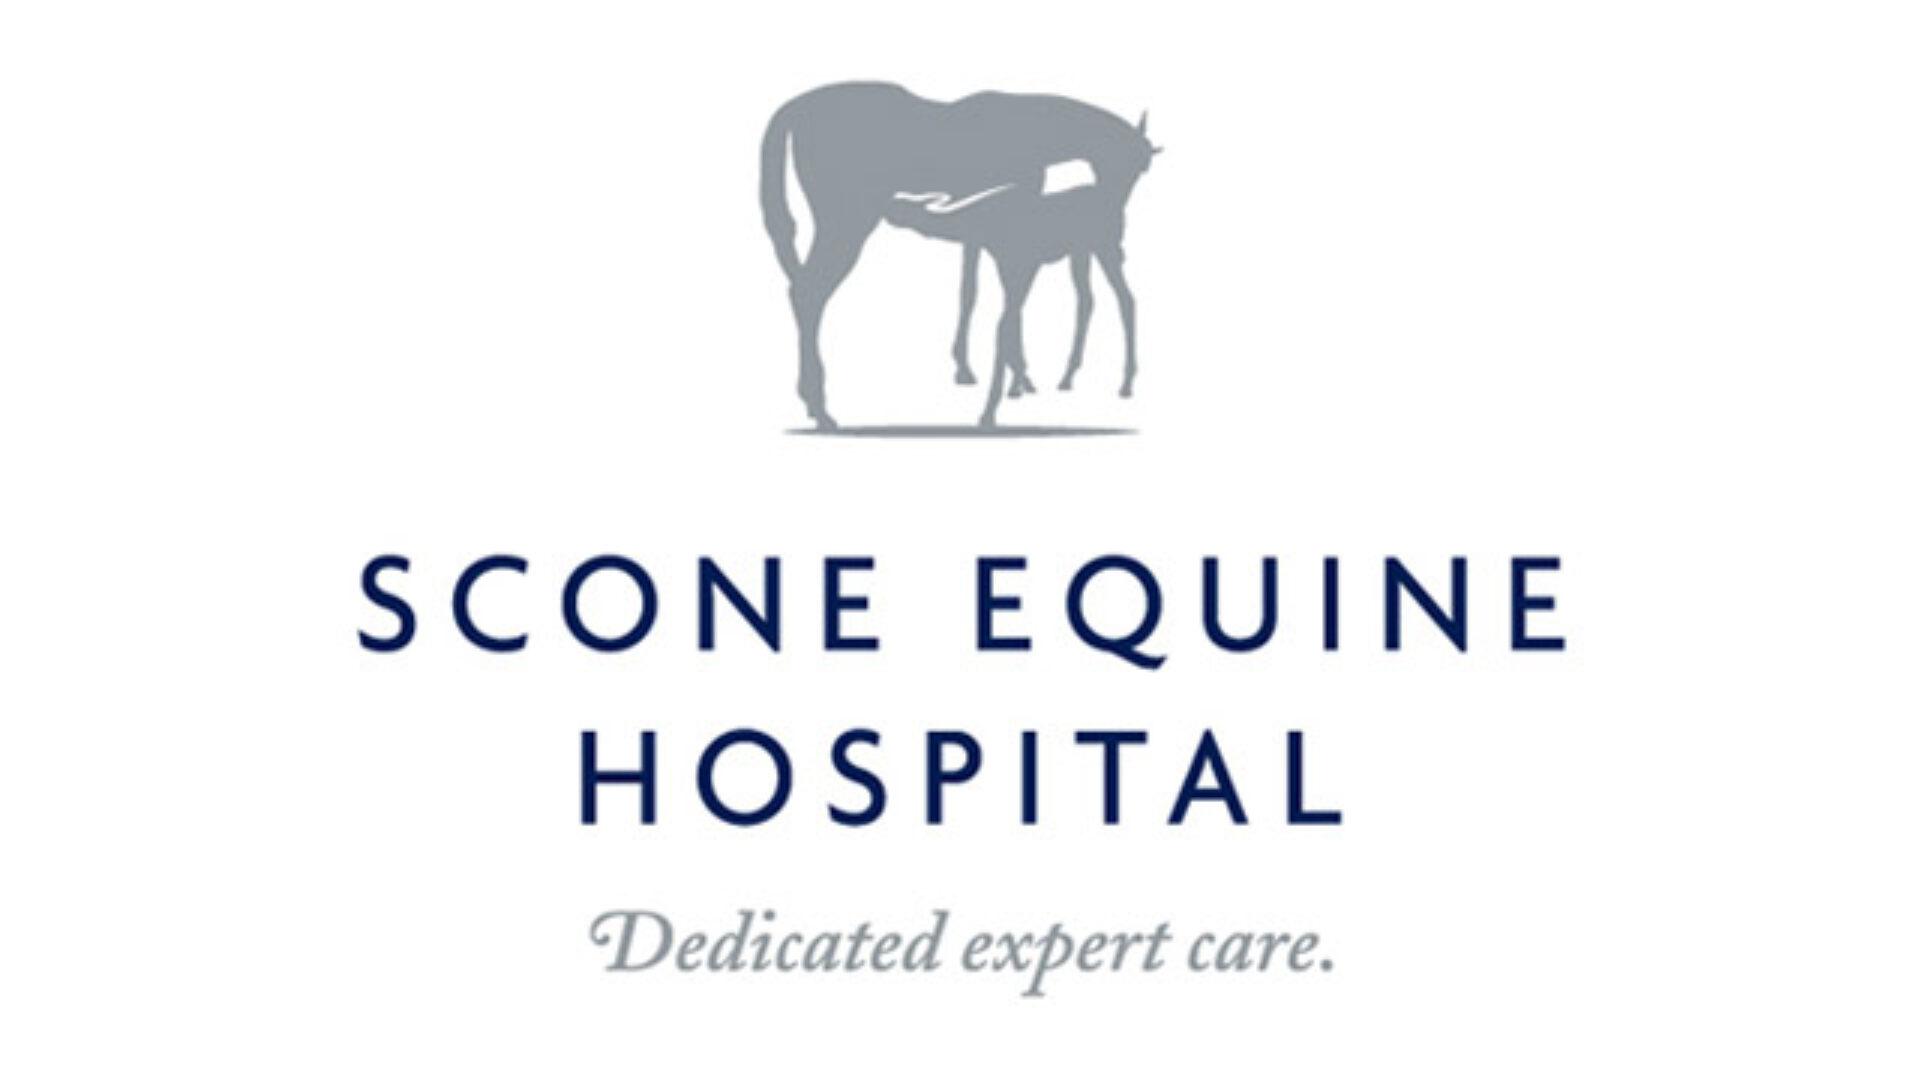 Scone equine hospital 01